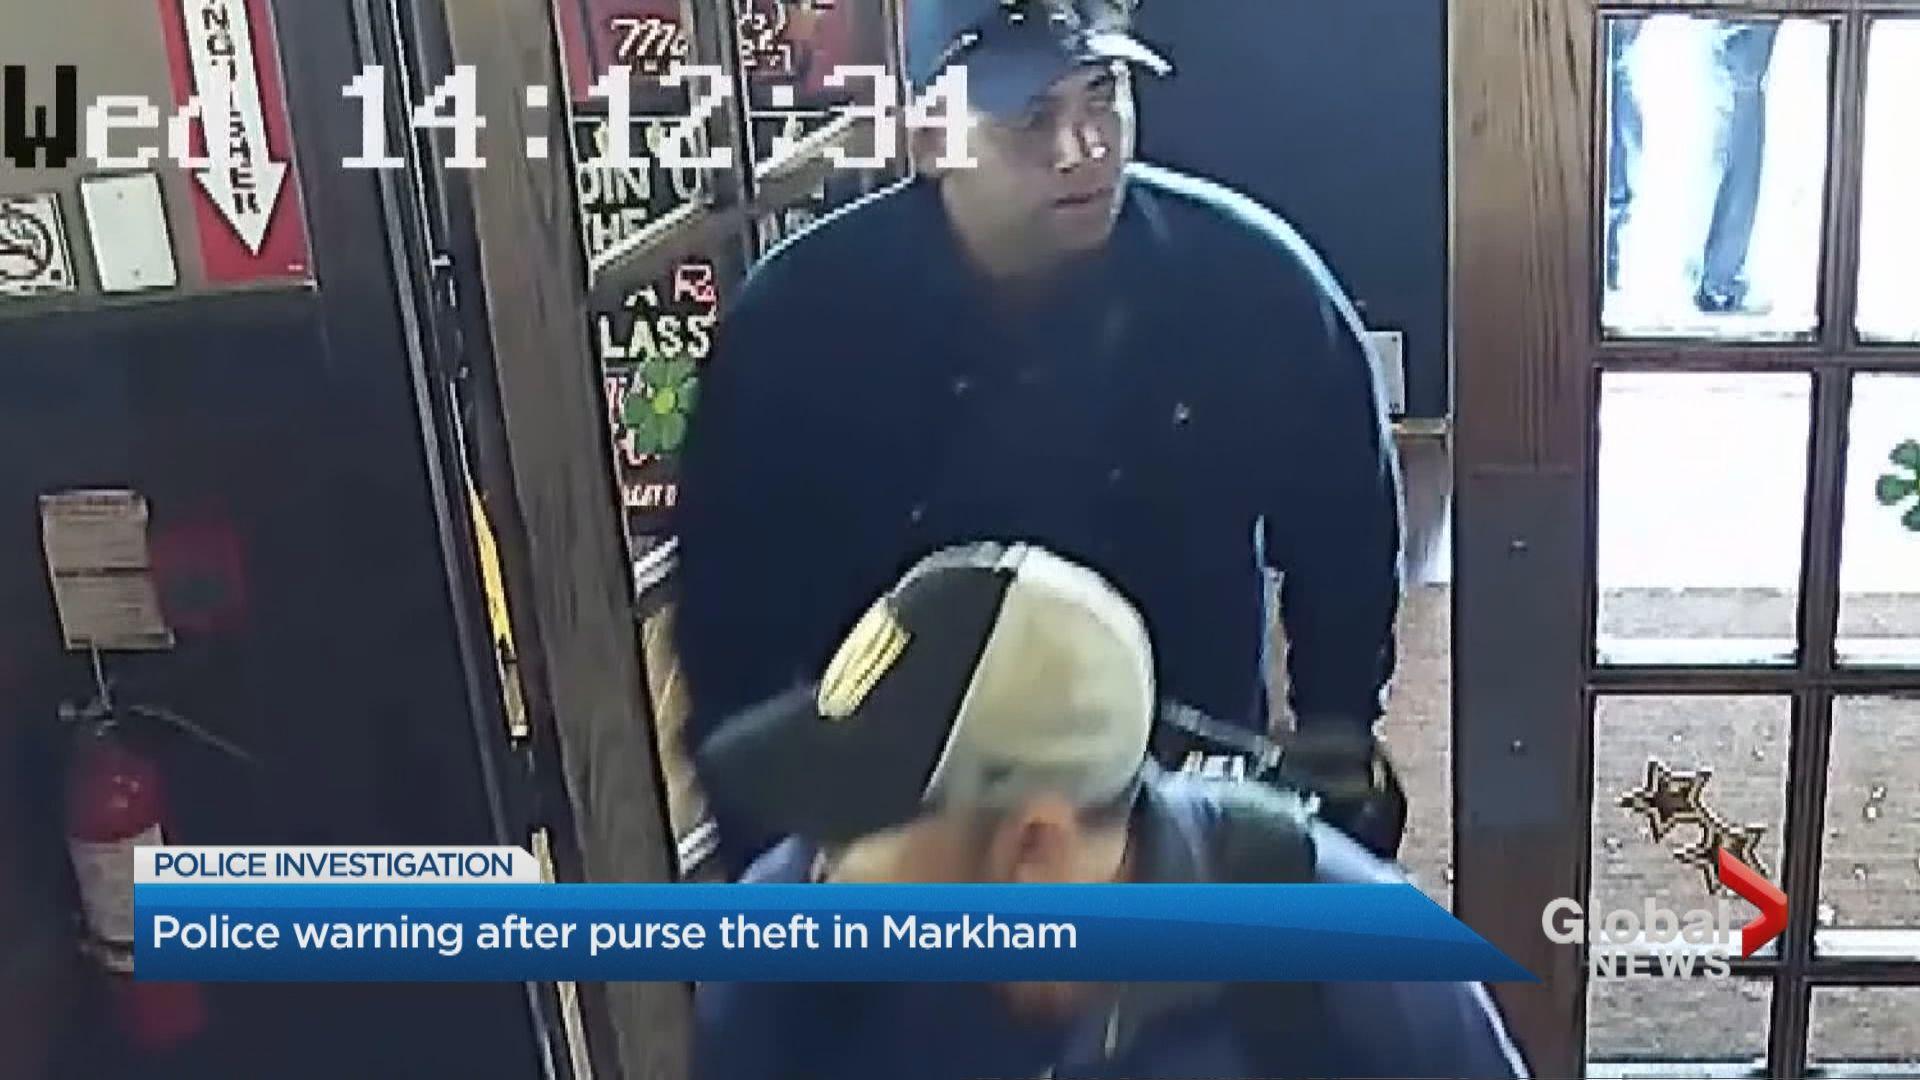 دزد بیپروای فروشگاه LCBO